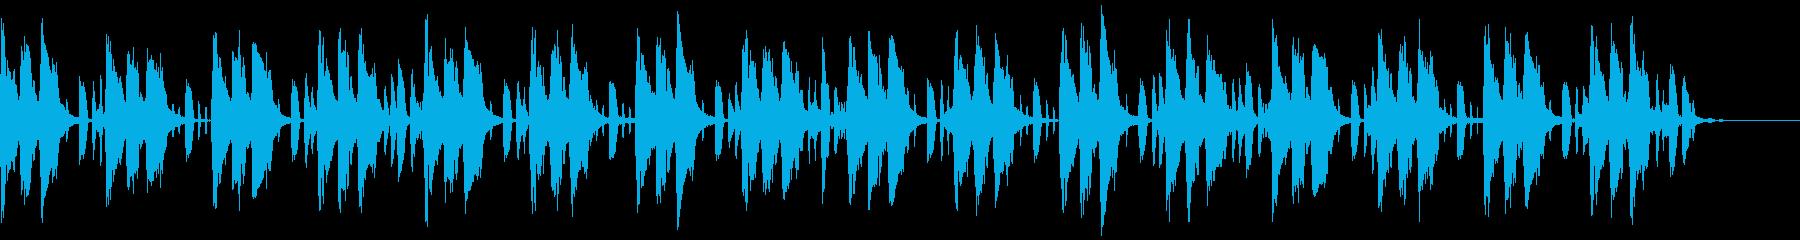 おしゃれ優しいYouTubeエンディングの再生済みの波形